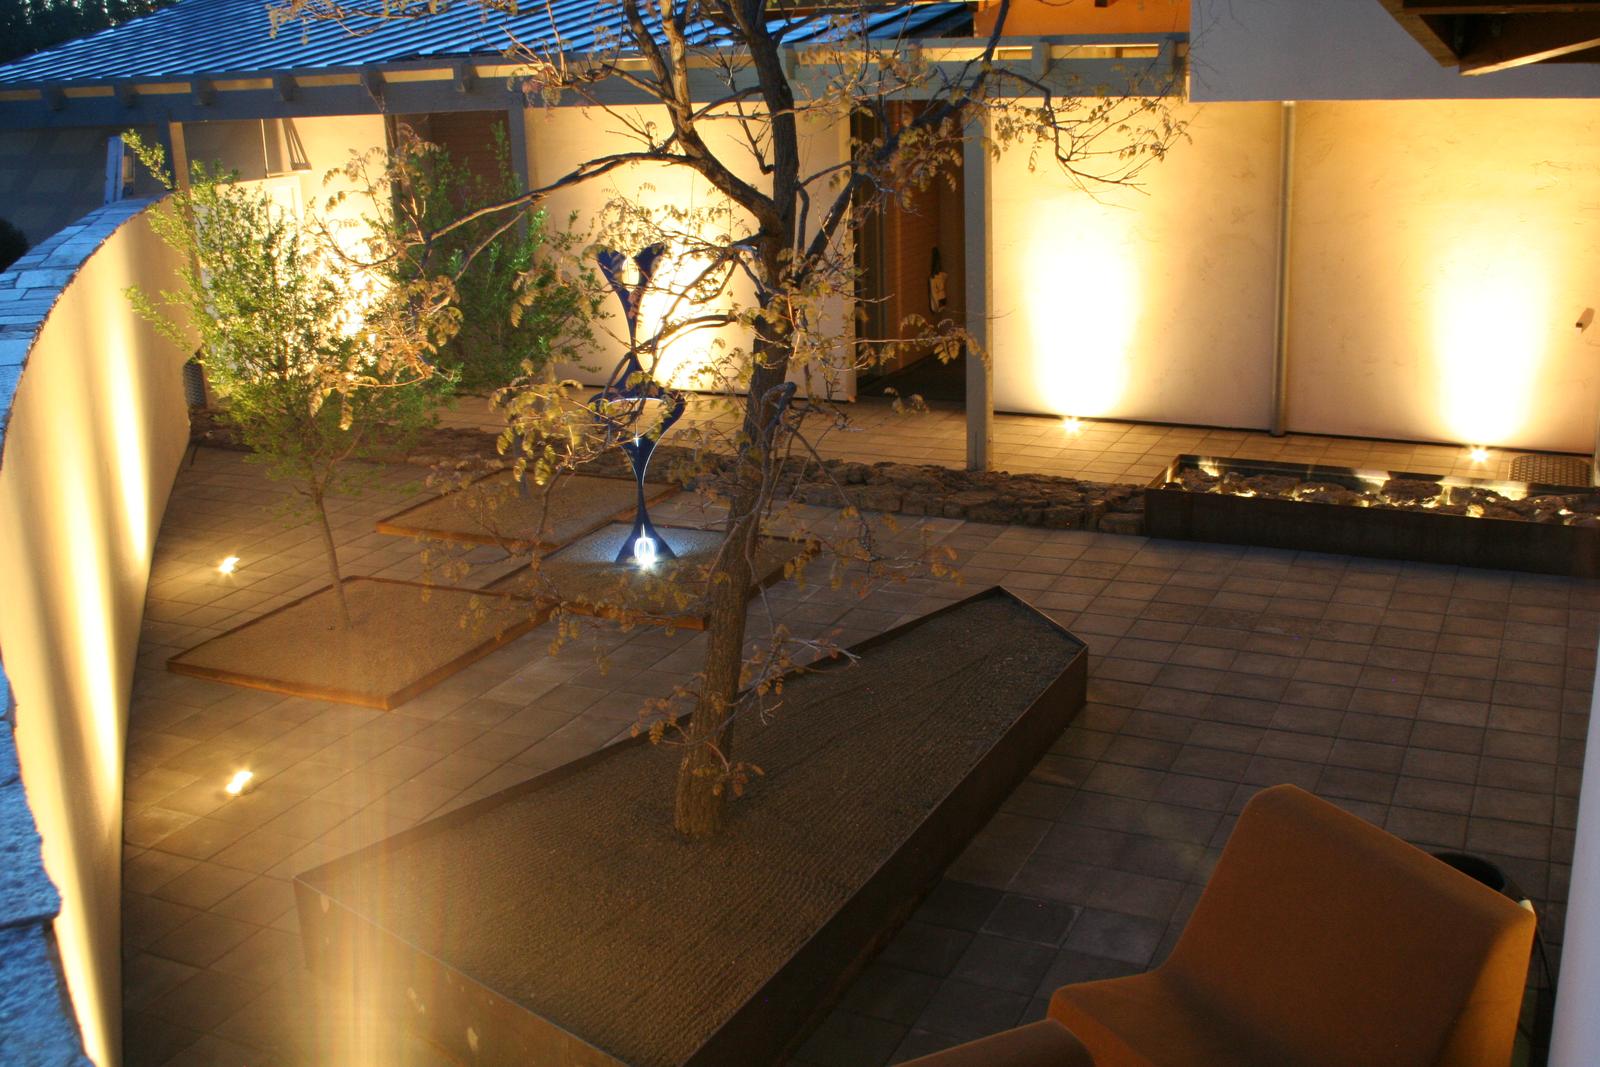 Illuminated Courtyard